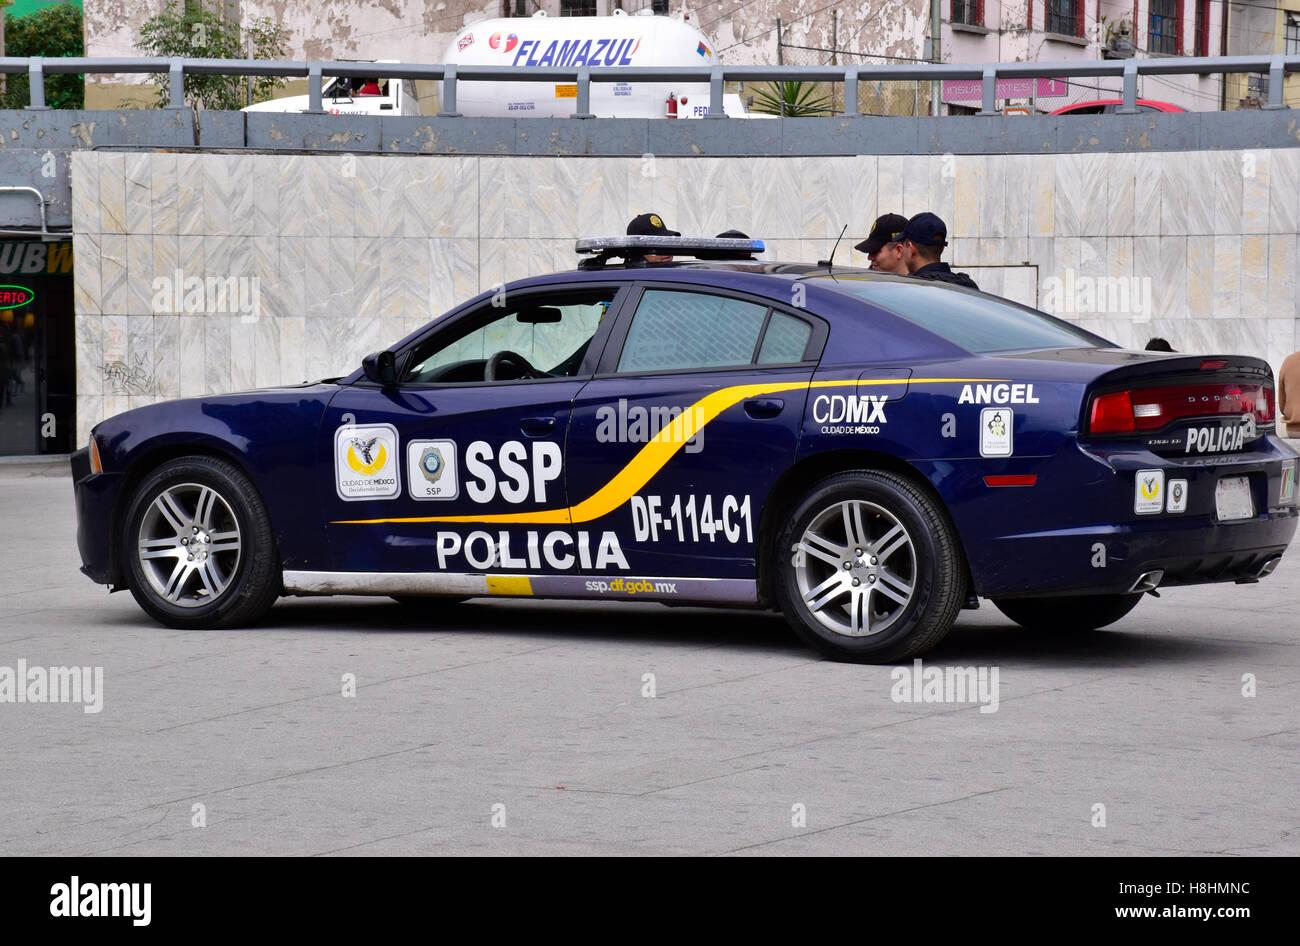 Y policement coche de policía en la Ciudad de México, D.F., Ciudad de México, México Foto de stock